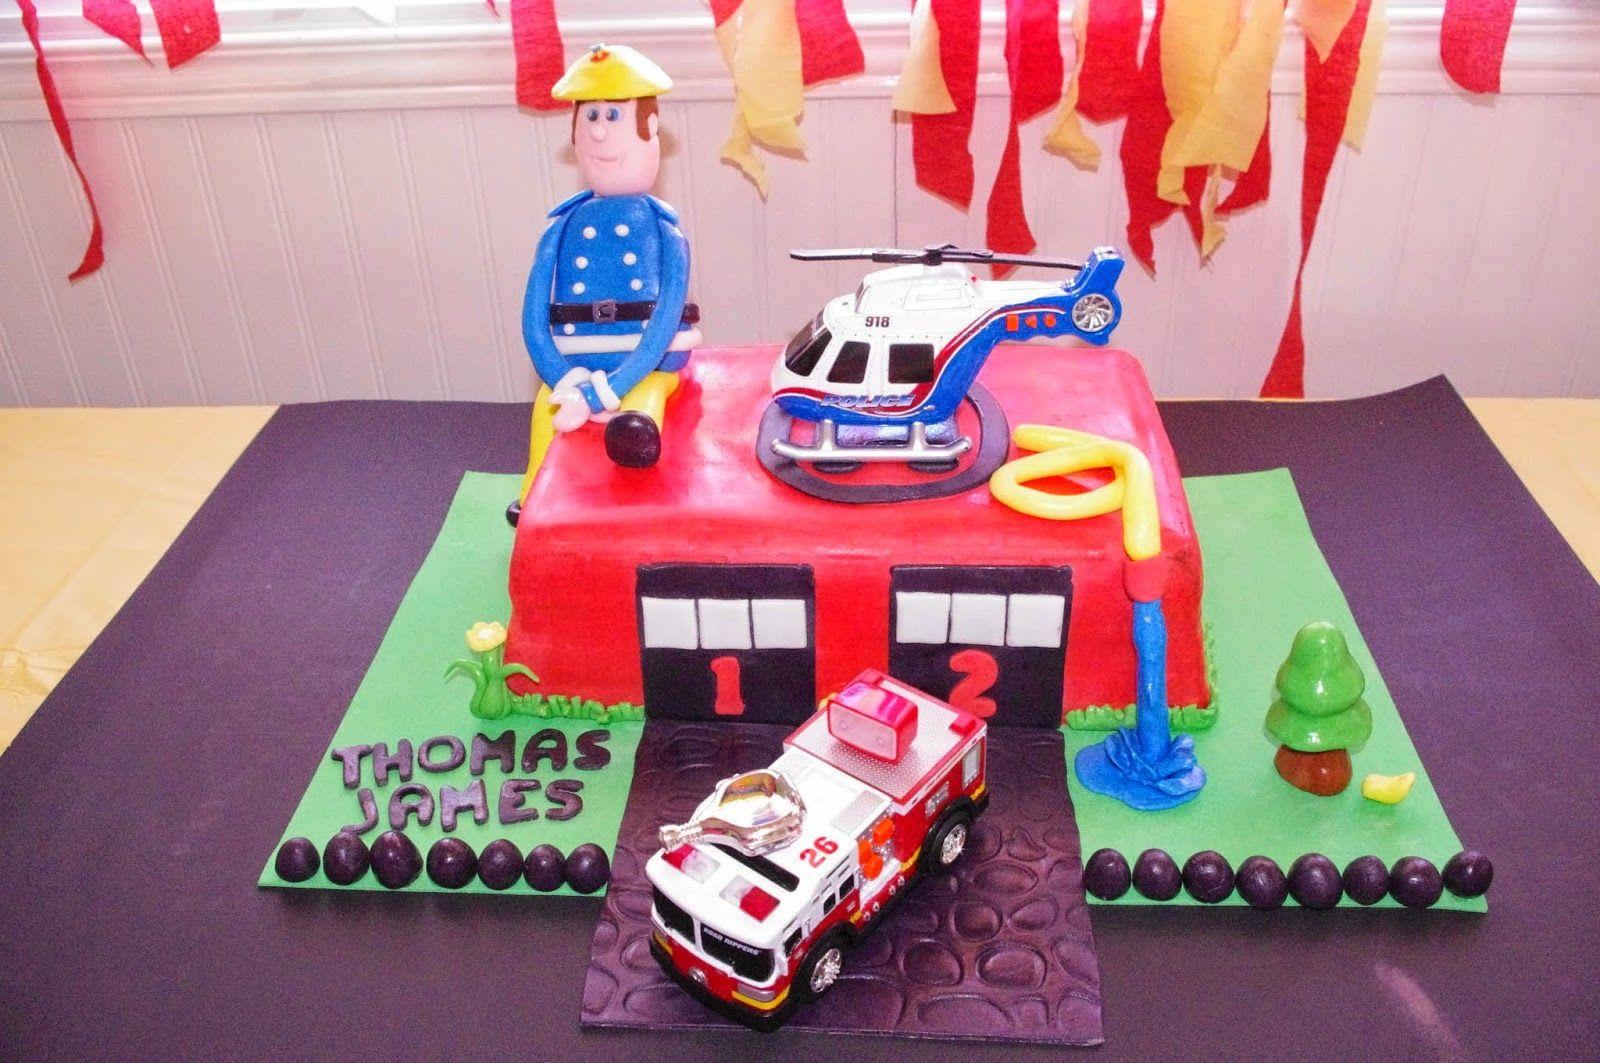 f te de pompier 3 ans g teau fondant sweet table sam le pompier fireman mon blog mes g teaux. Black Bedroom Furniture Sets. Home Design Ideas